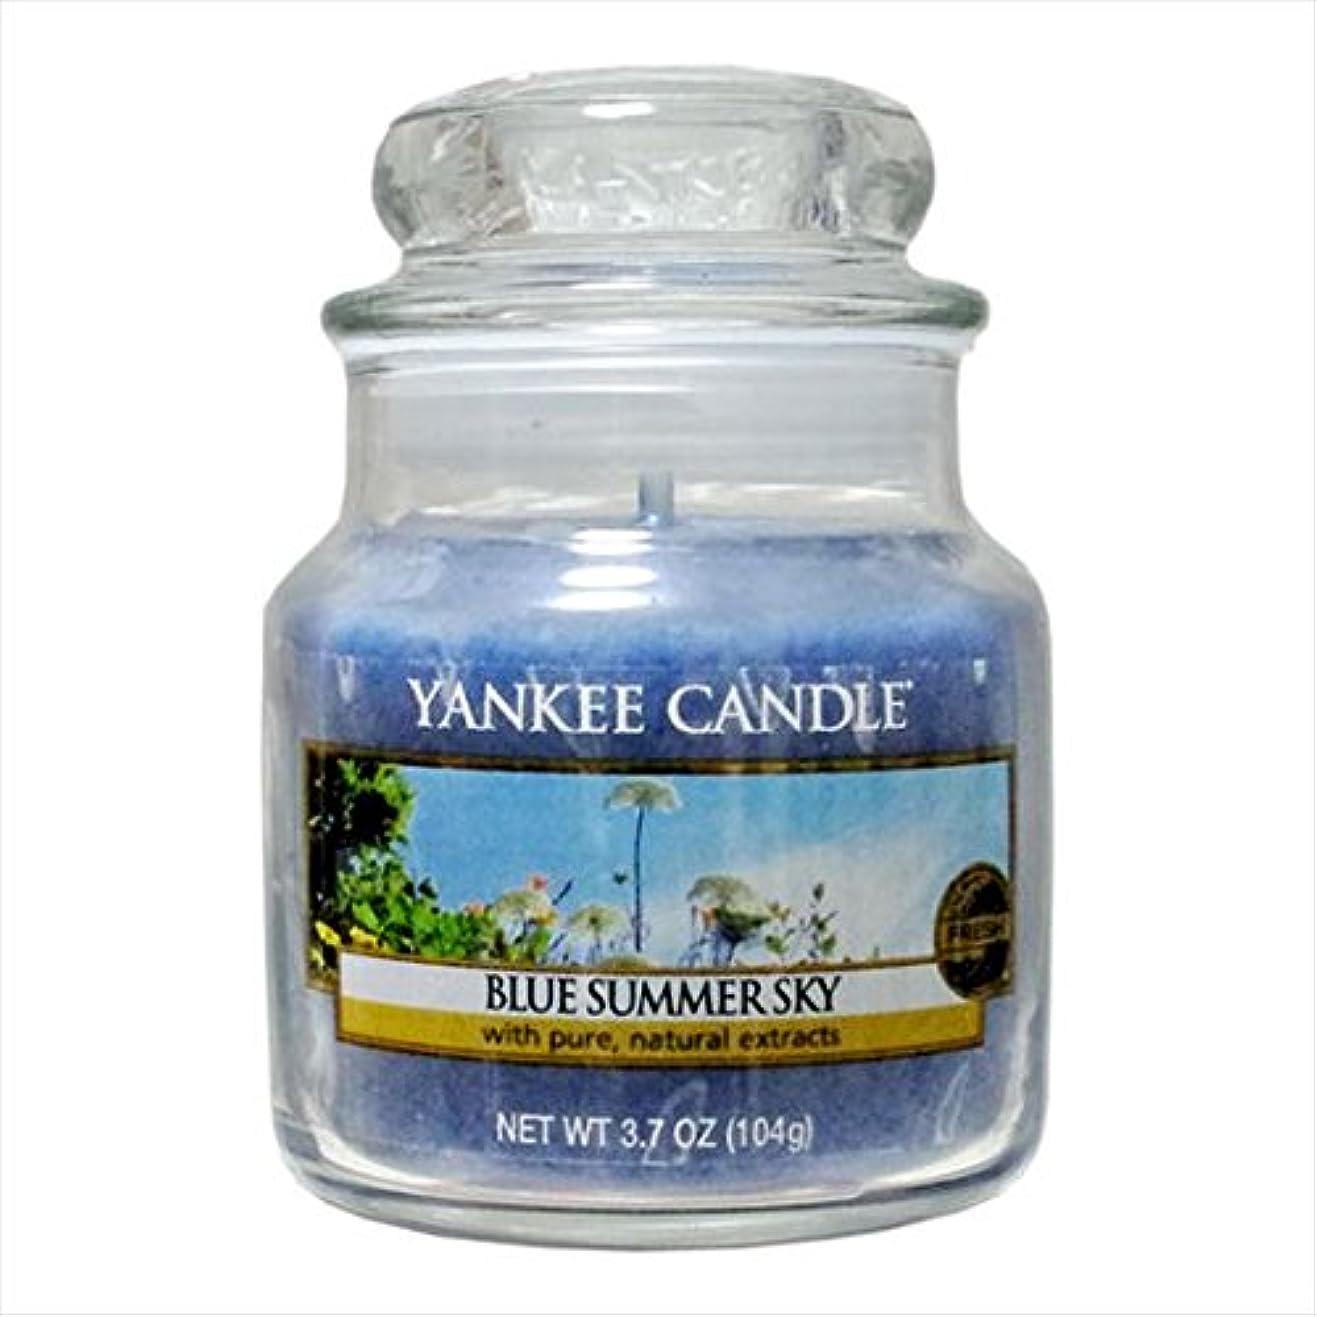 宿命速記ハンサムヤンキーキャンドル(YANKEE CANDLE) YANKEE CANDLEジャーS 「 ブルーサマースカイ 」